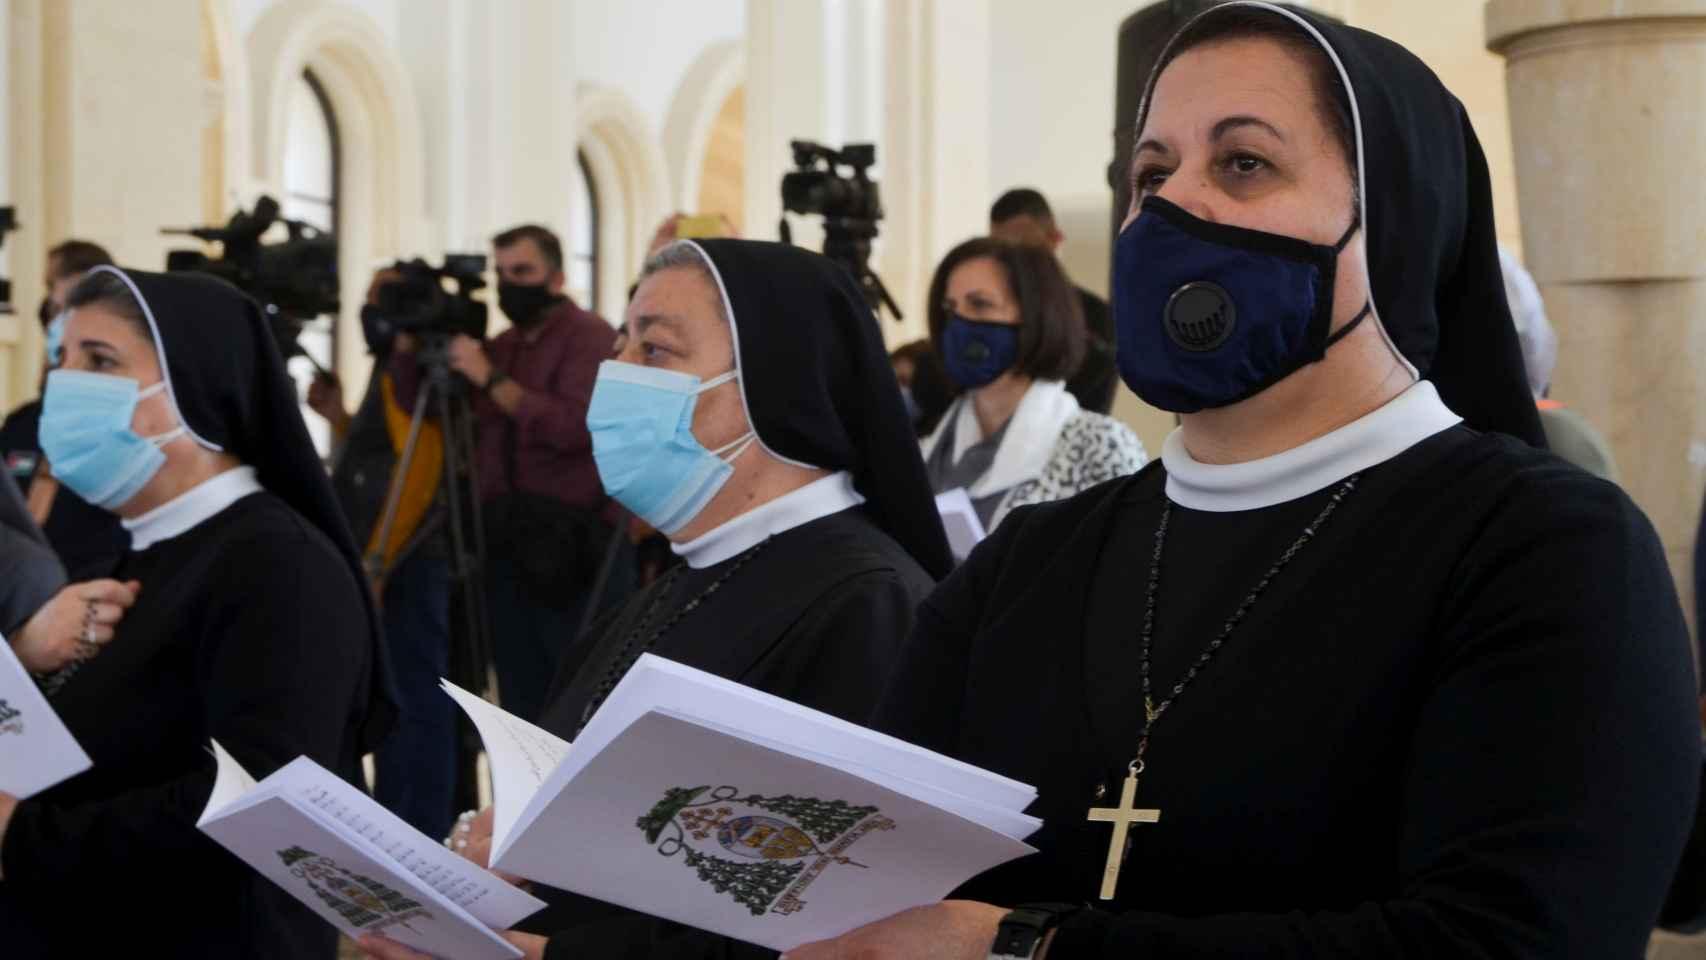 Monjas se protegen con una mascarilla en una iglesia de Jordan Valley, Jordania.